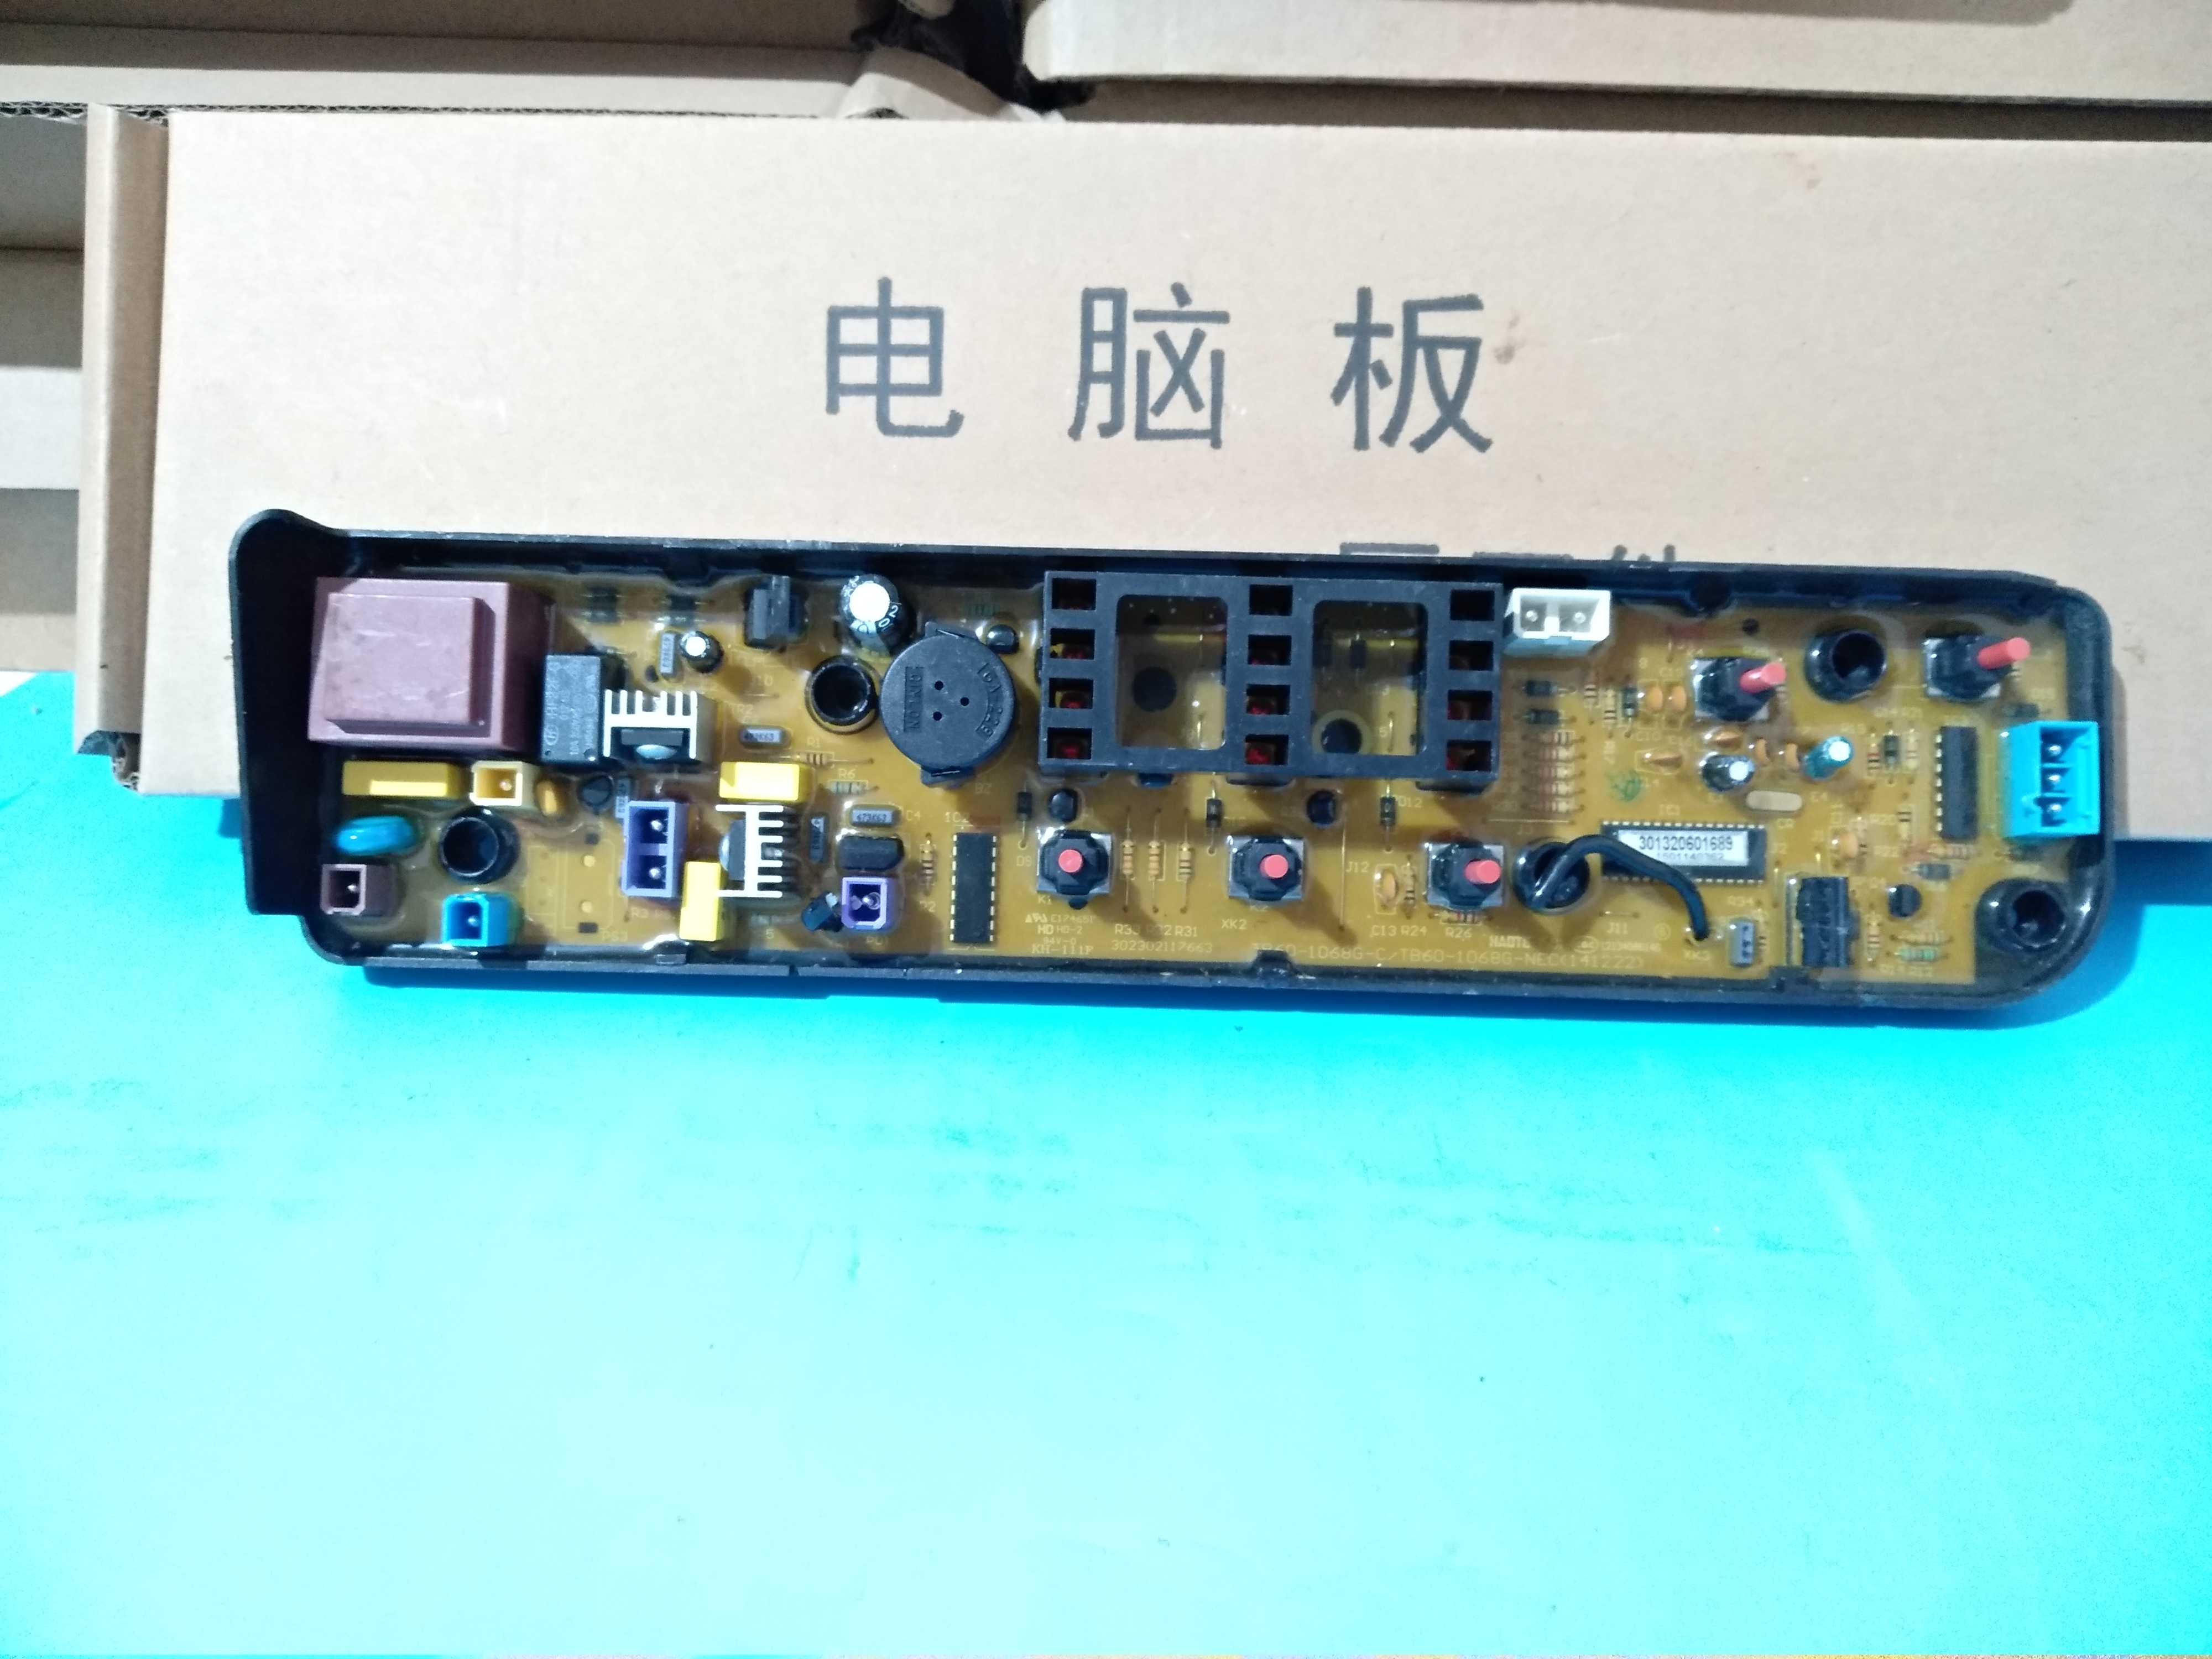 小天鹅洗衣机TB50/TB53/TB55/60/63/70/73-1068G(H)电脑板V1068G,可领取元淘宝优惠券